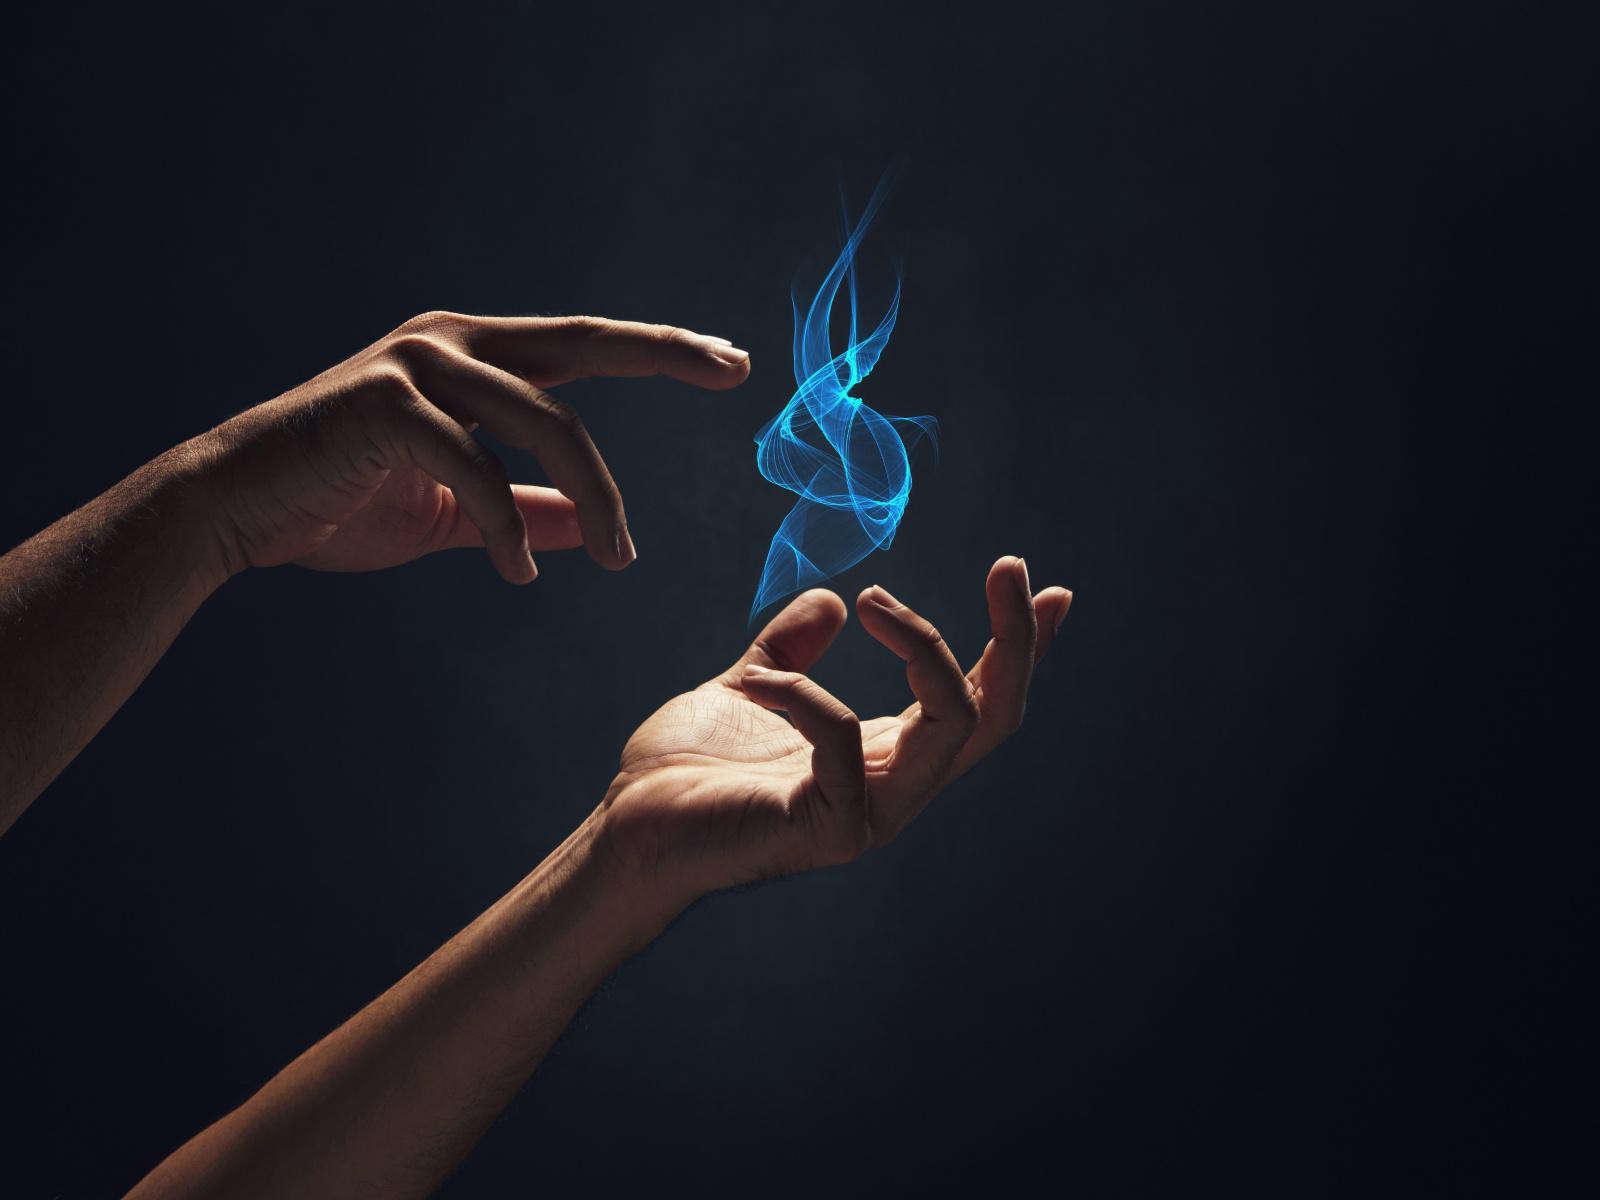 第71話|データ活用の火を消さないために、データ分析組織(データサイエンス専門の組織)に求められること